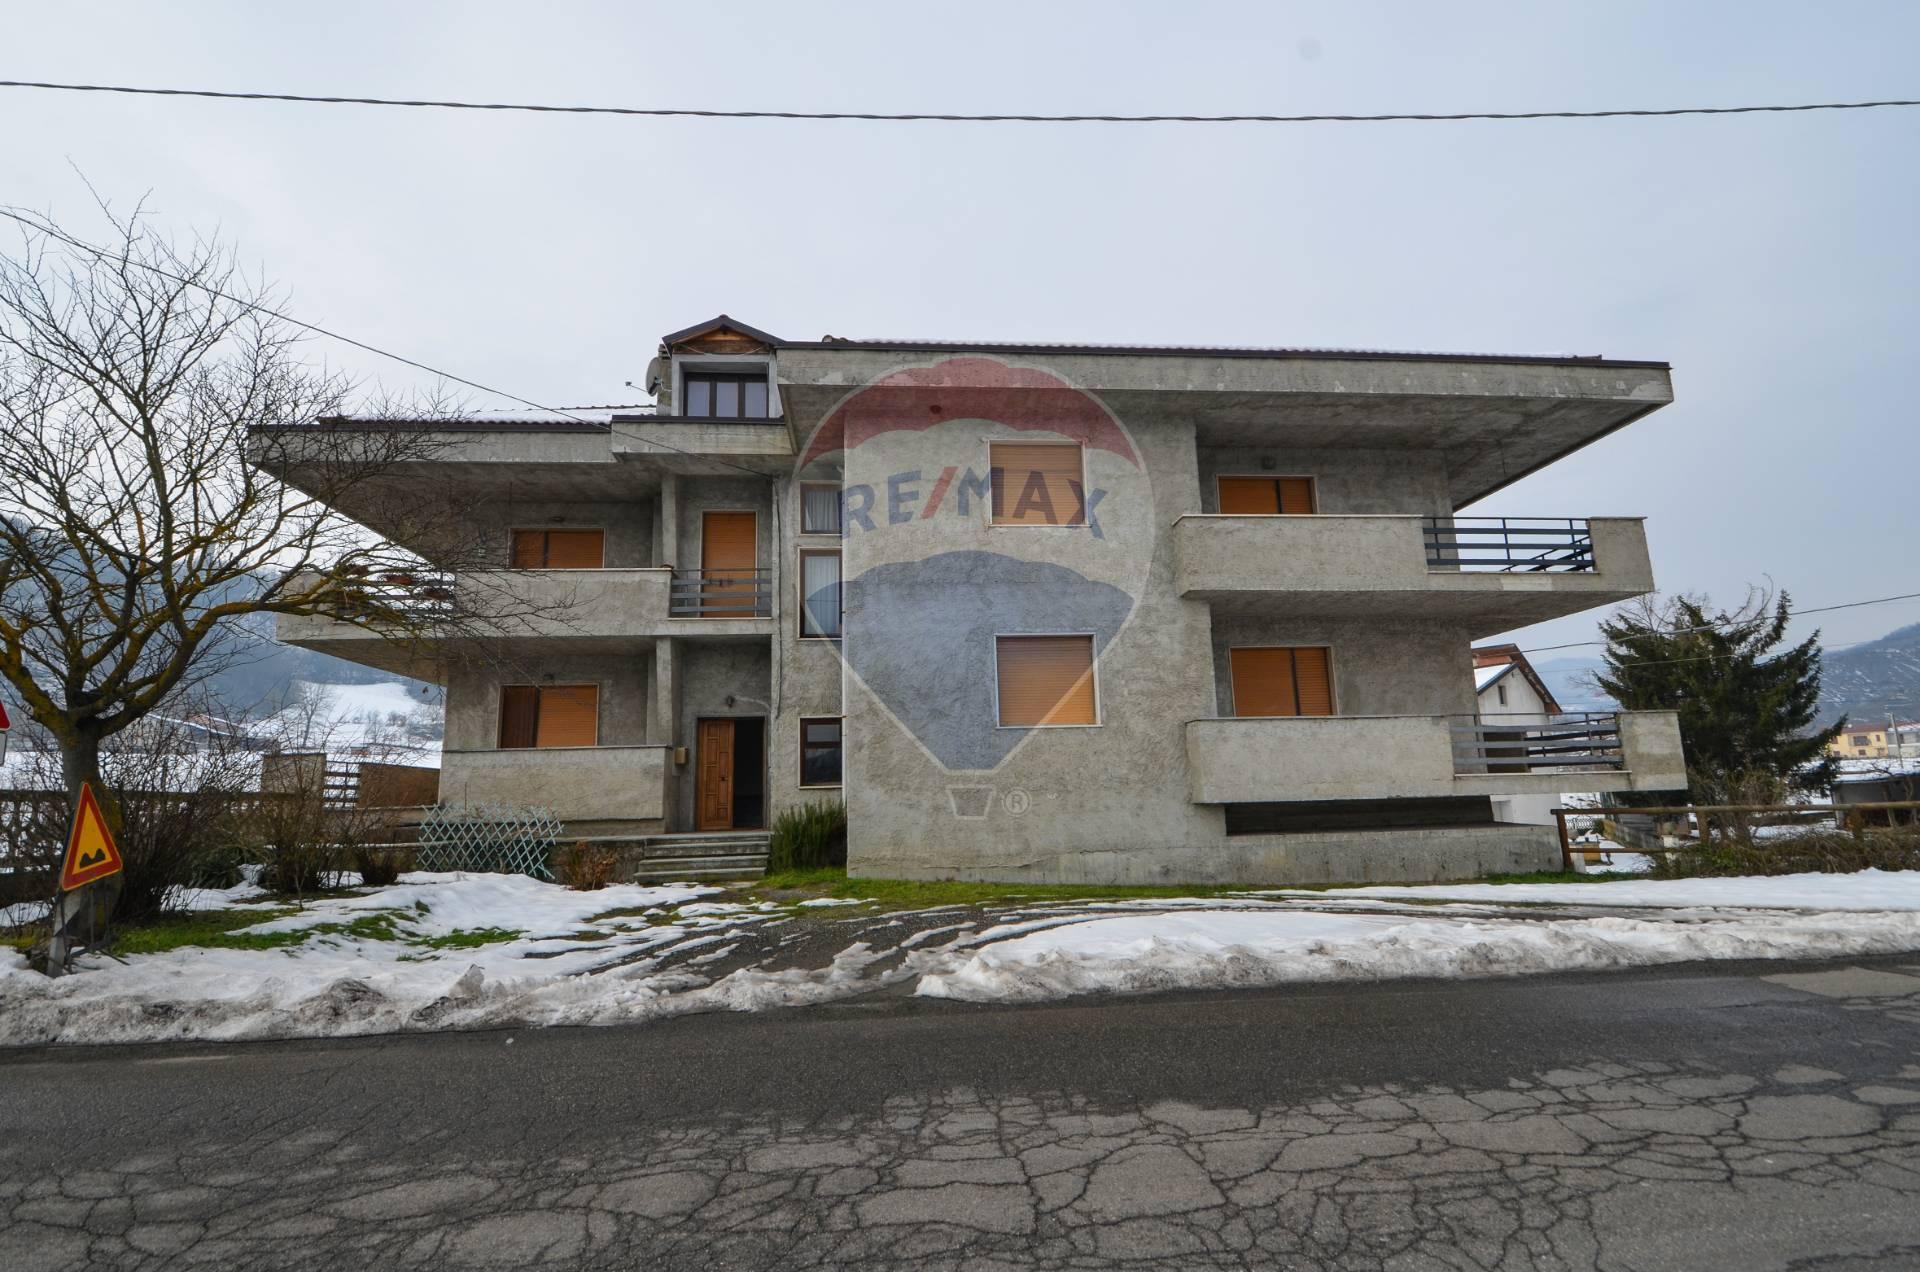 Appartamento in vendita a Merana, 6 locali, prezzo € 43.000   CambioCasa.it